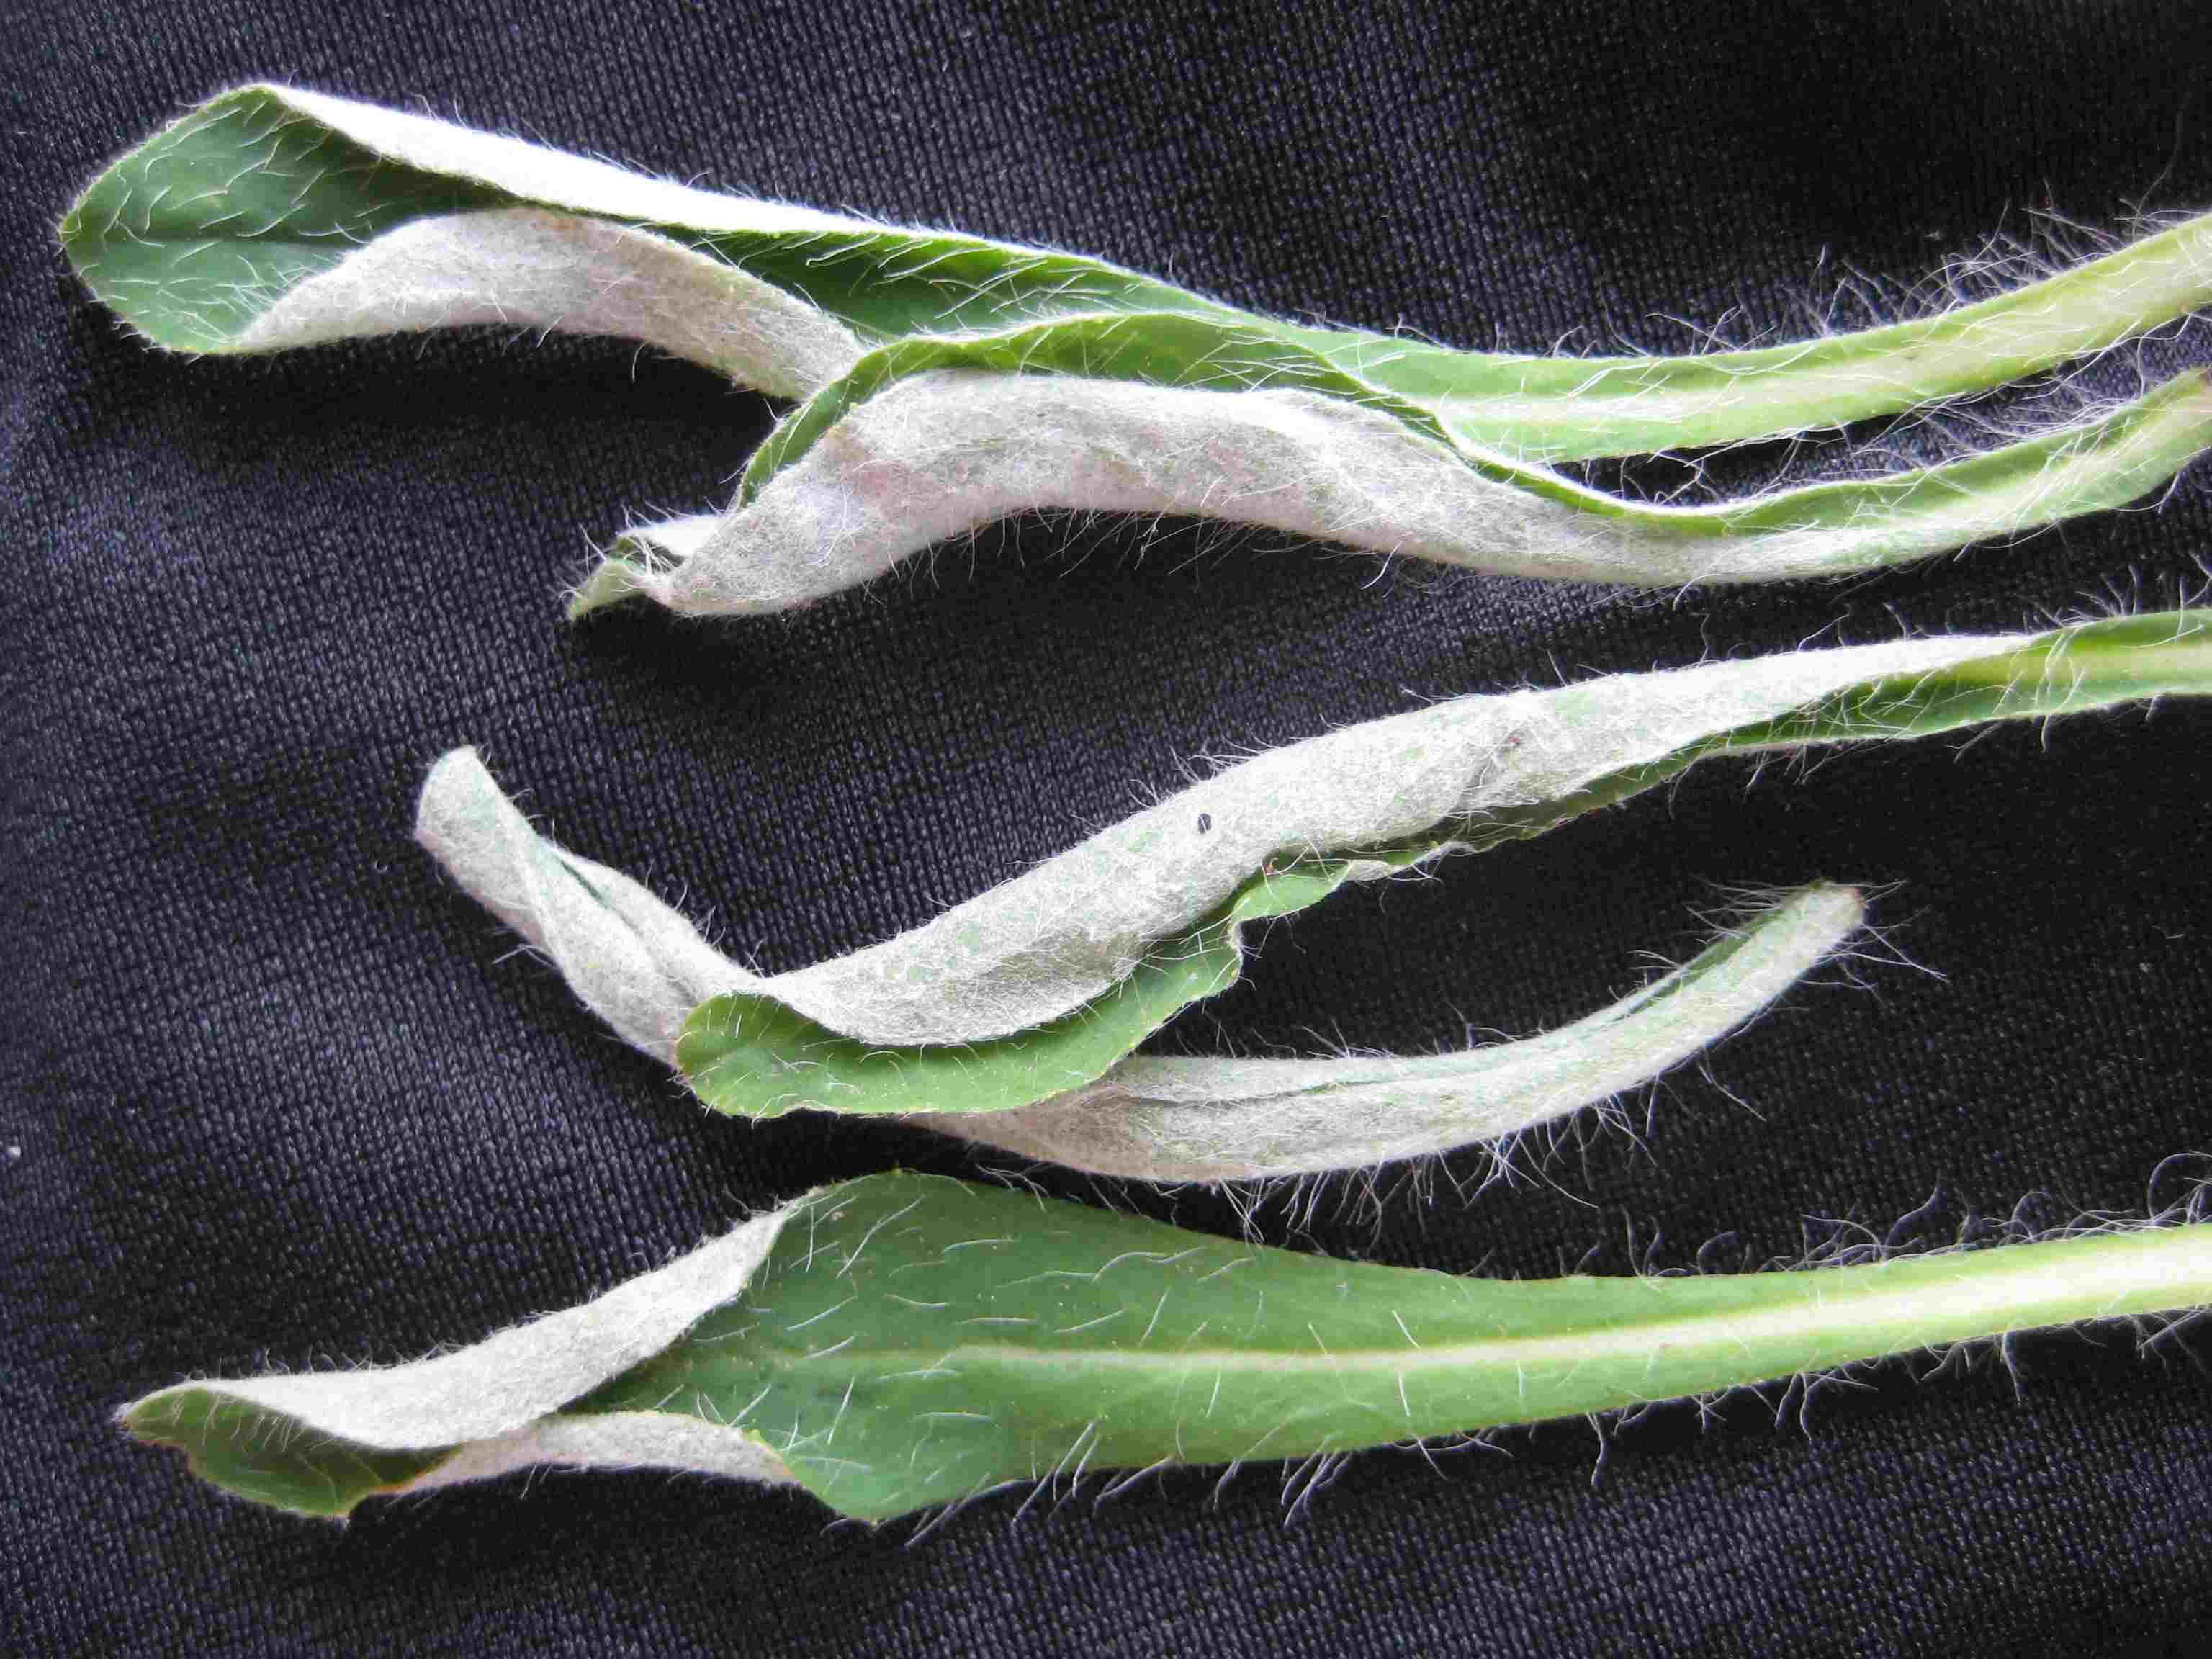 Nasonovia pilosellae